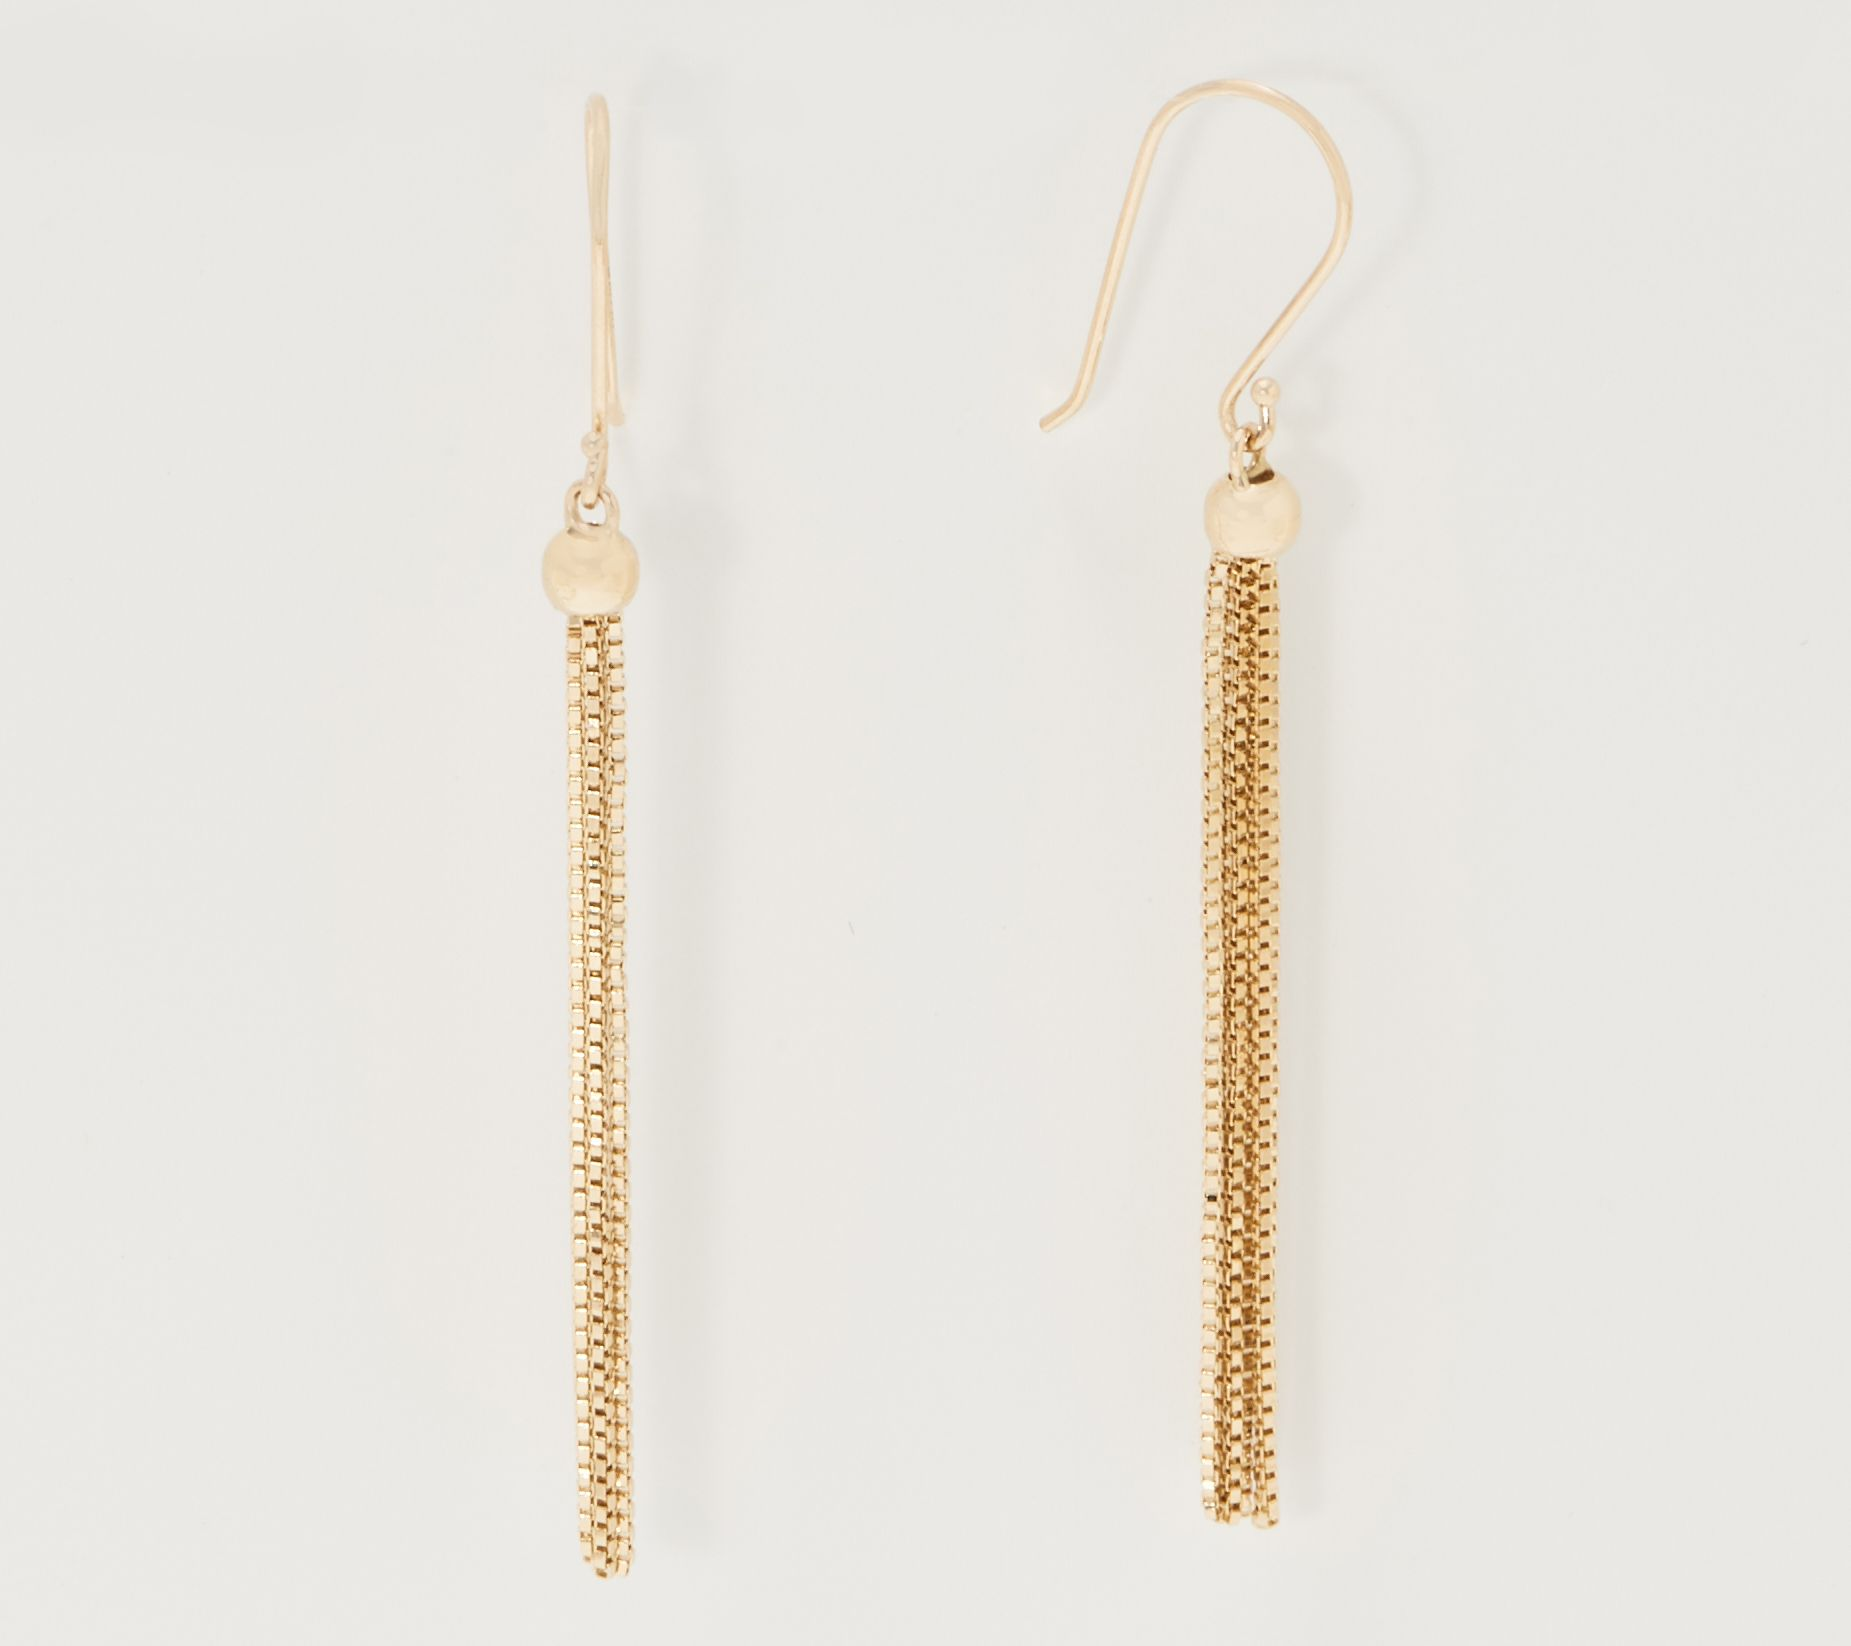 14k Yellow Gold Dangling Earrings, 65mm x 10mm